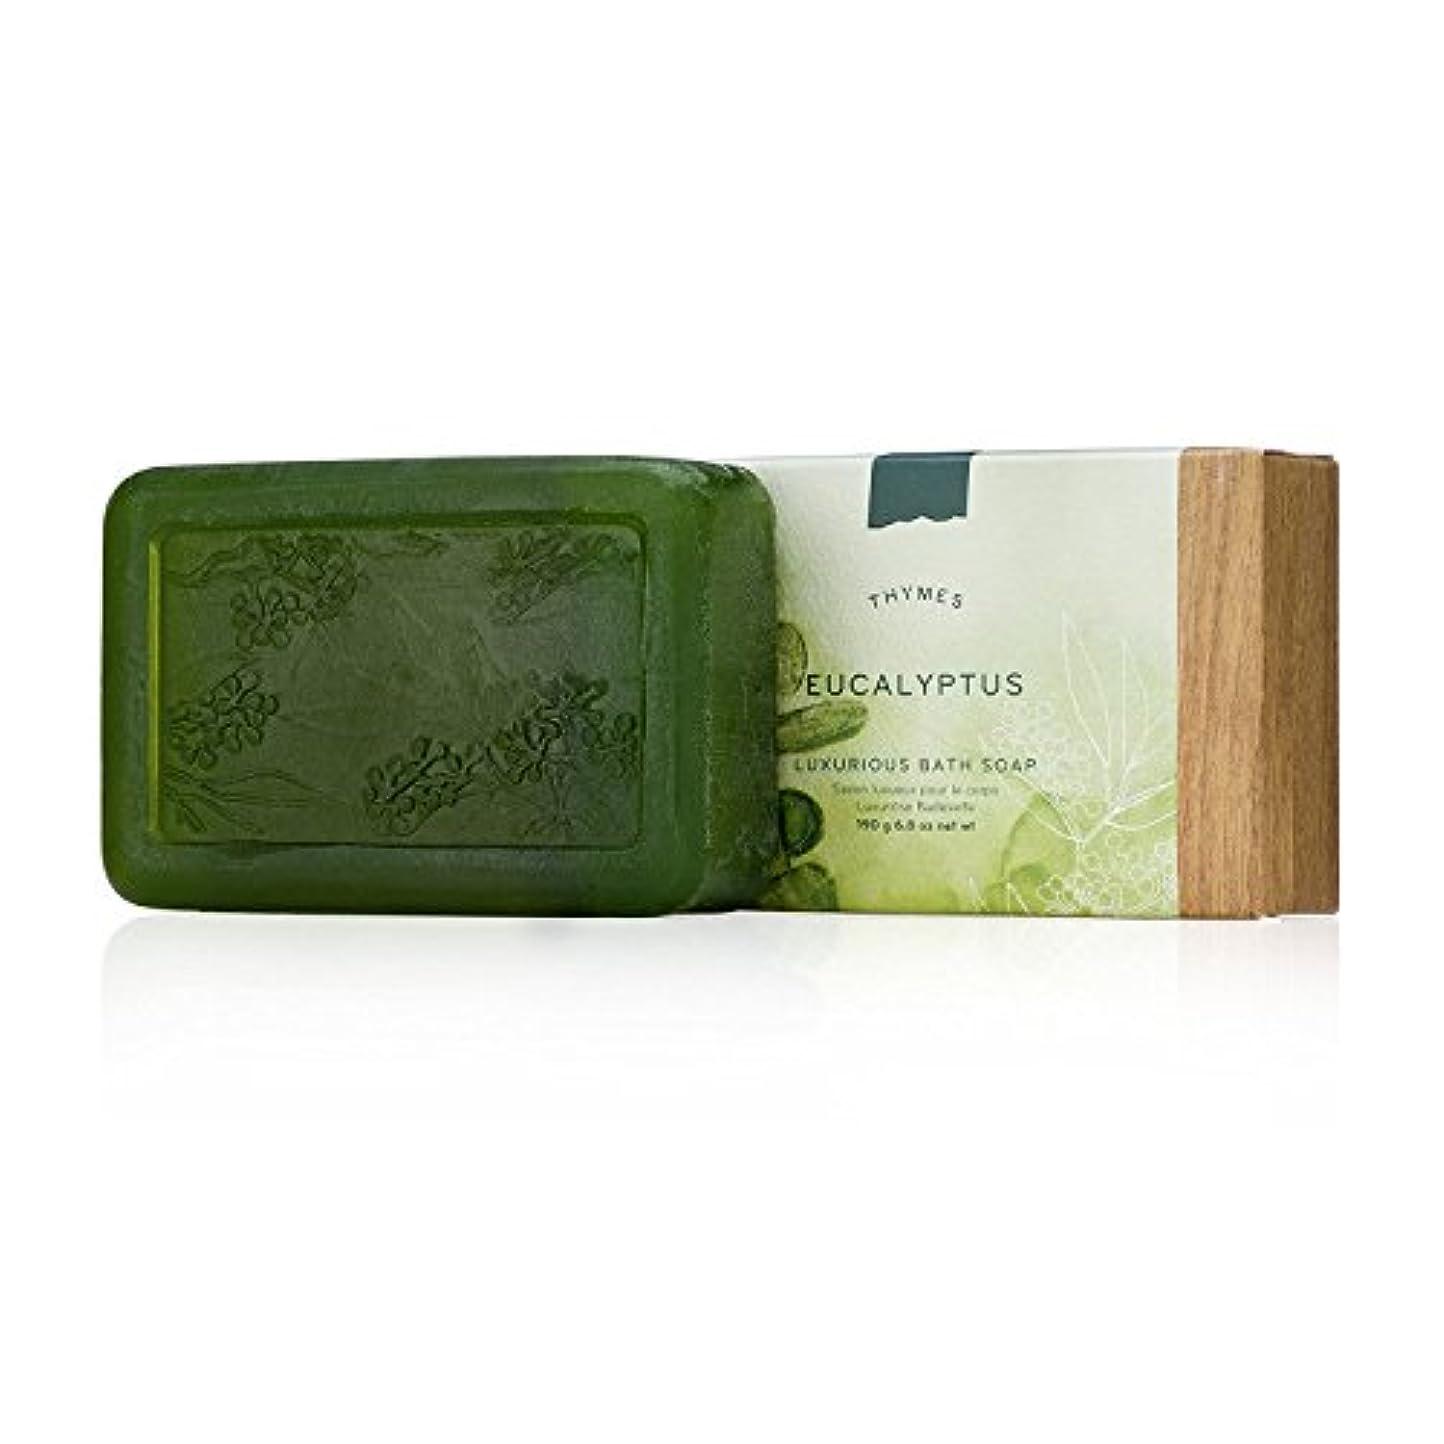 復讐クリケット繁雑タイムズ Eucalyptus Luxurious Bath Soap 190g/6.8oz